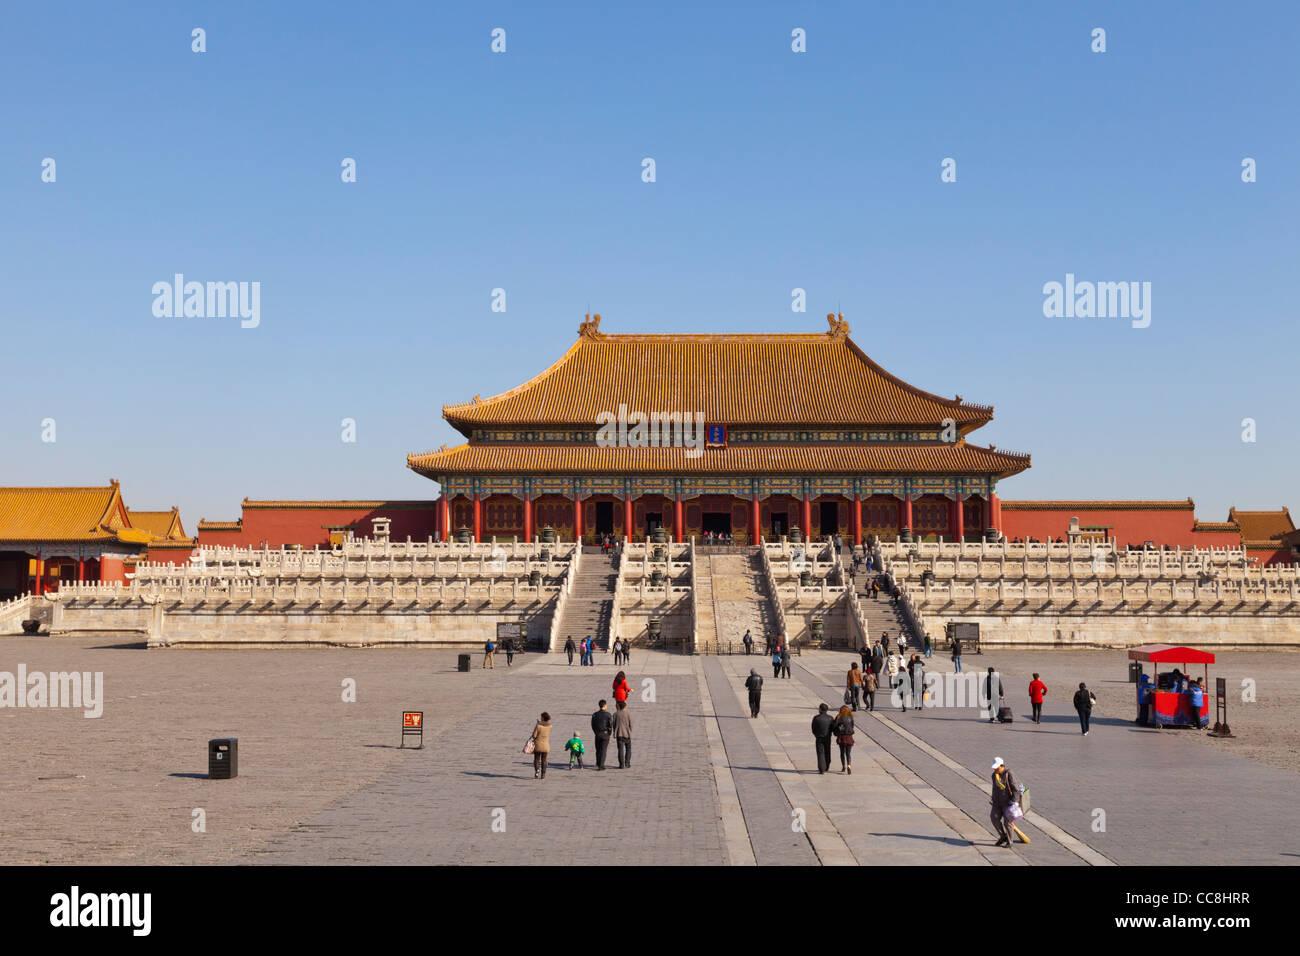 Die Halle der höchsten Harmonie in der verbotenen Stadt, Peking, vom Tor der höchsten Harmonie. Stockbild